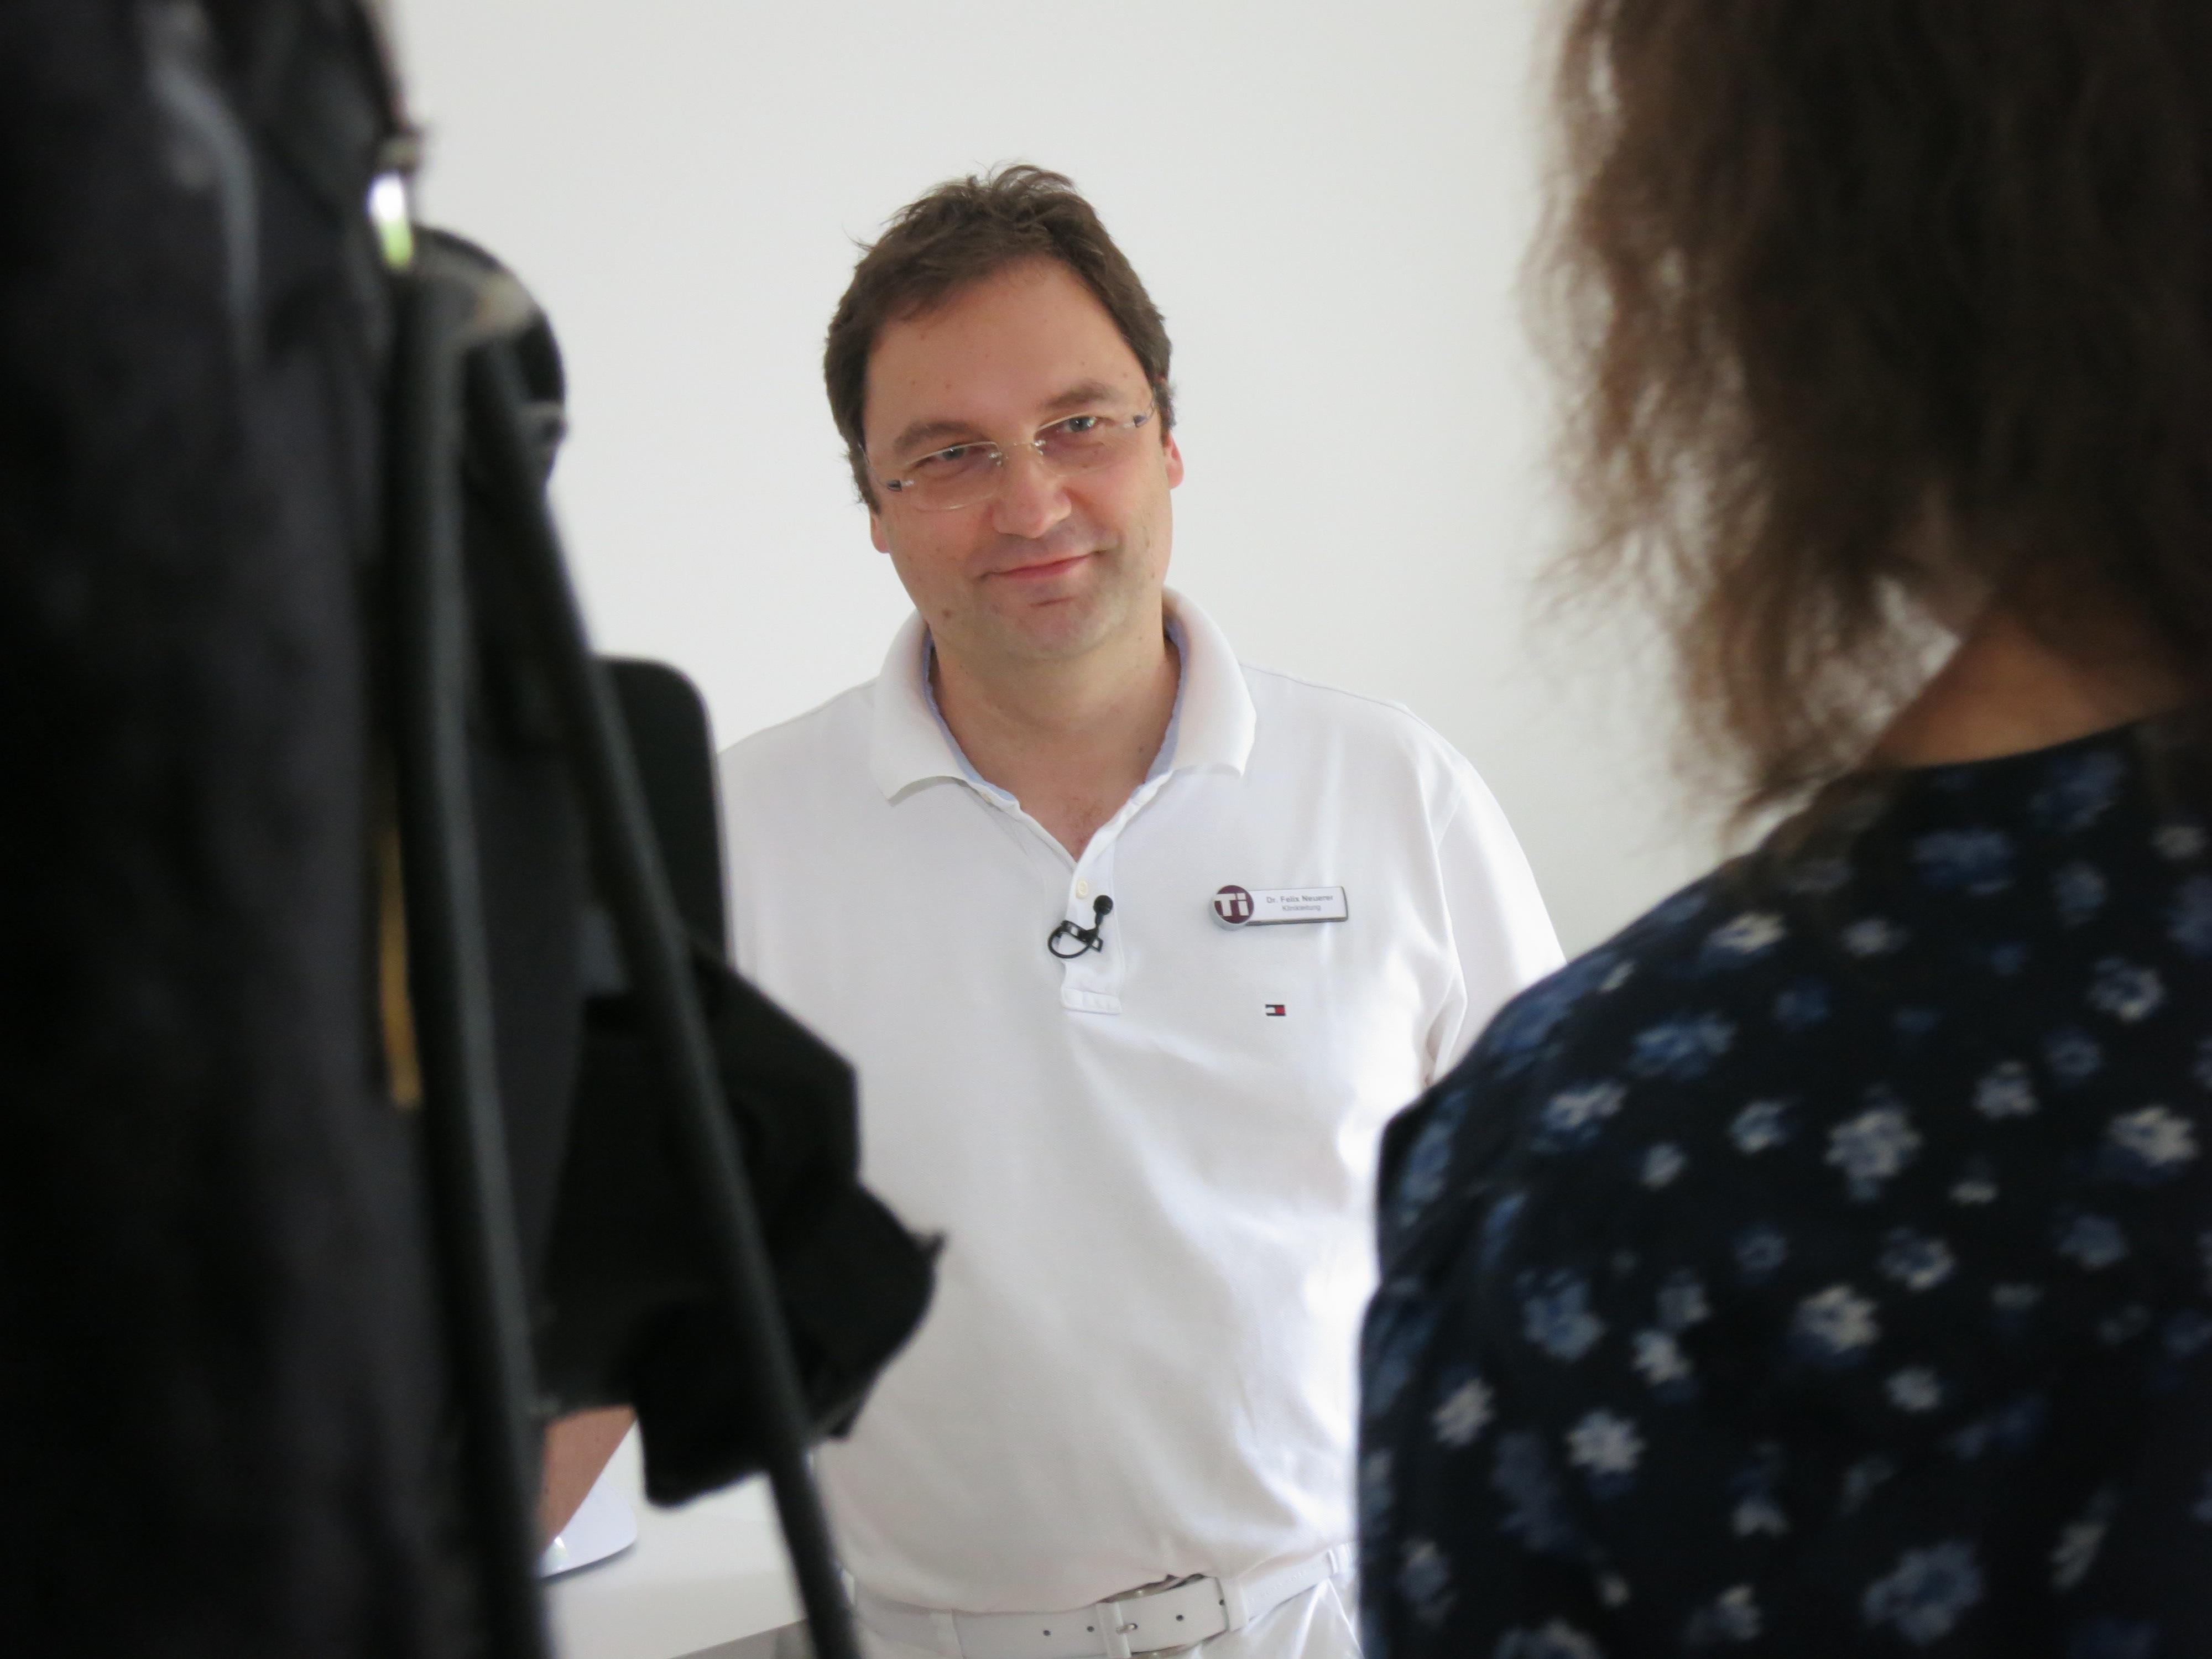 Klinikchef Dr. Felix Neuerer Im Gespräch Mit Dem BR.